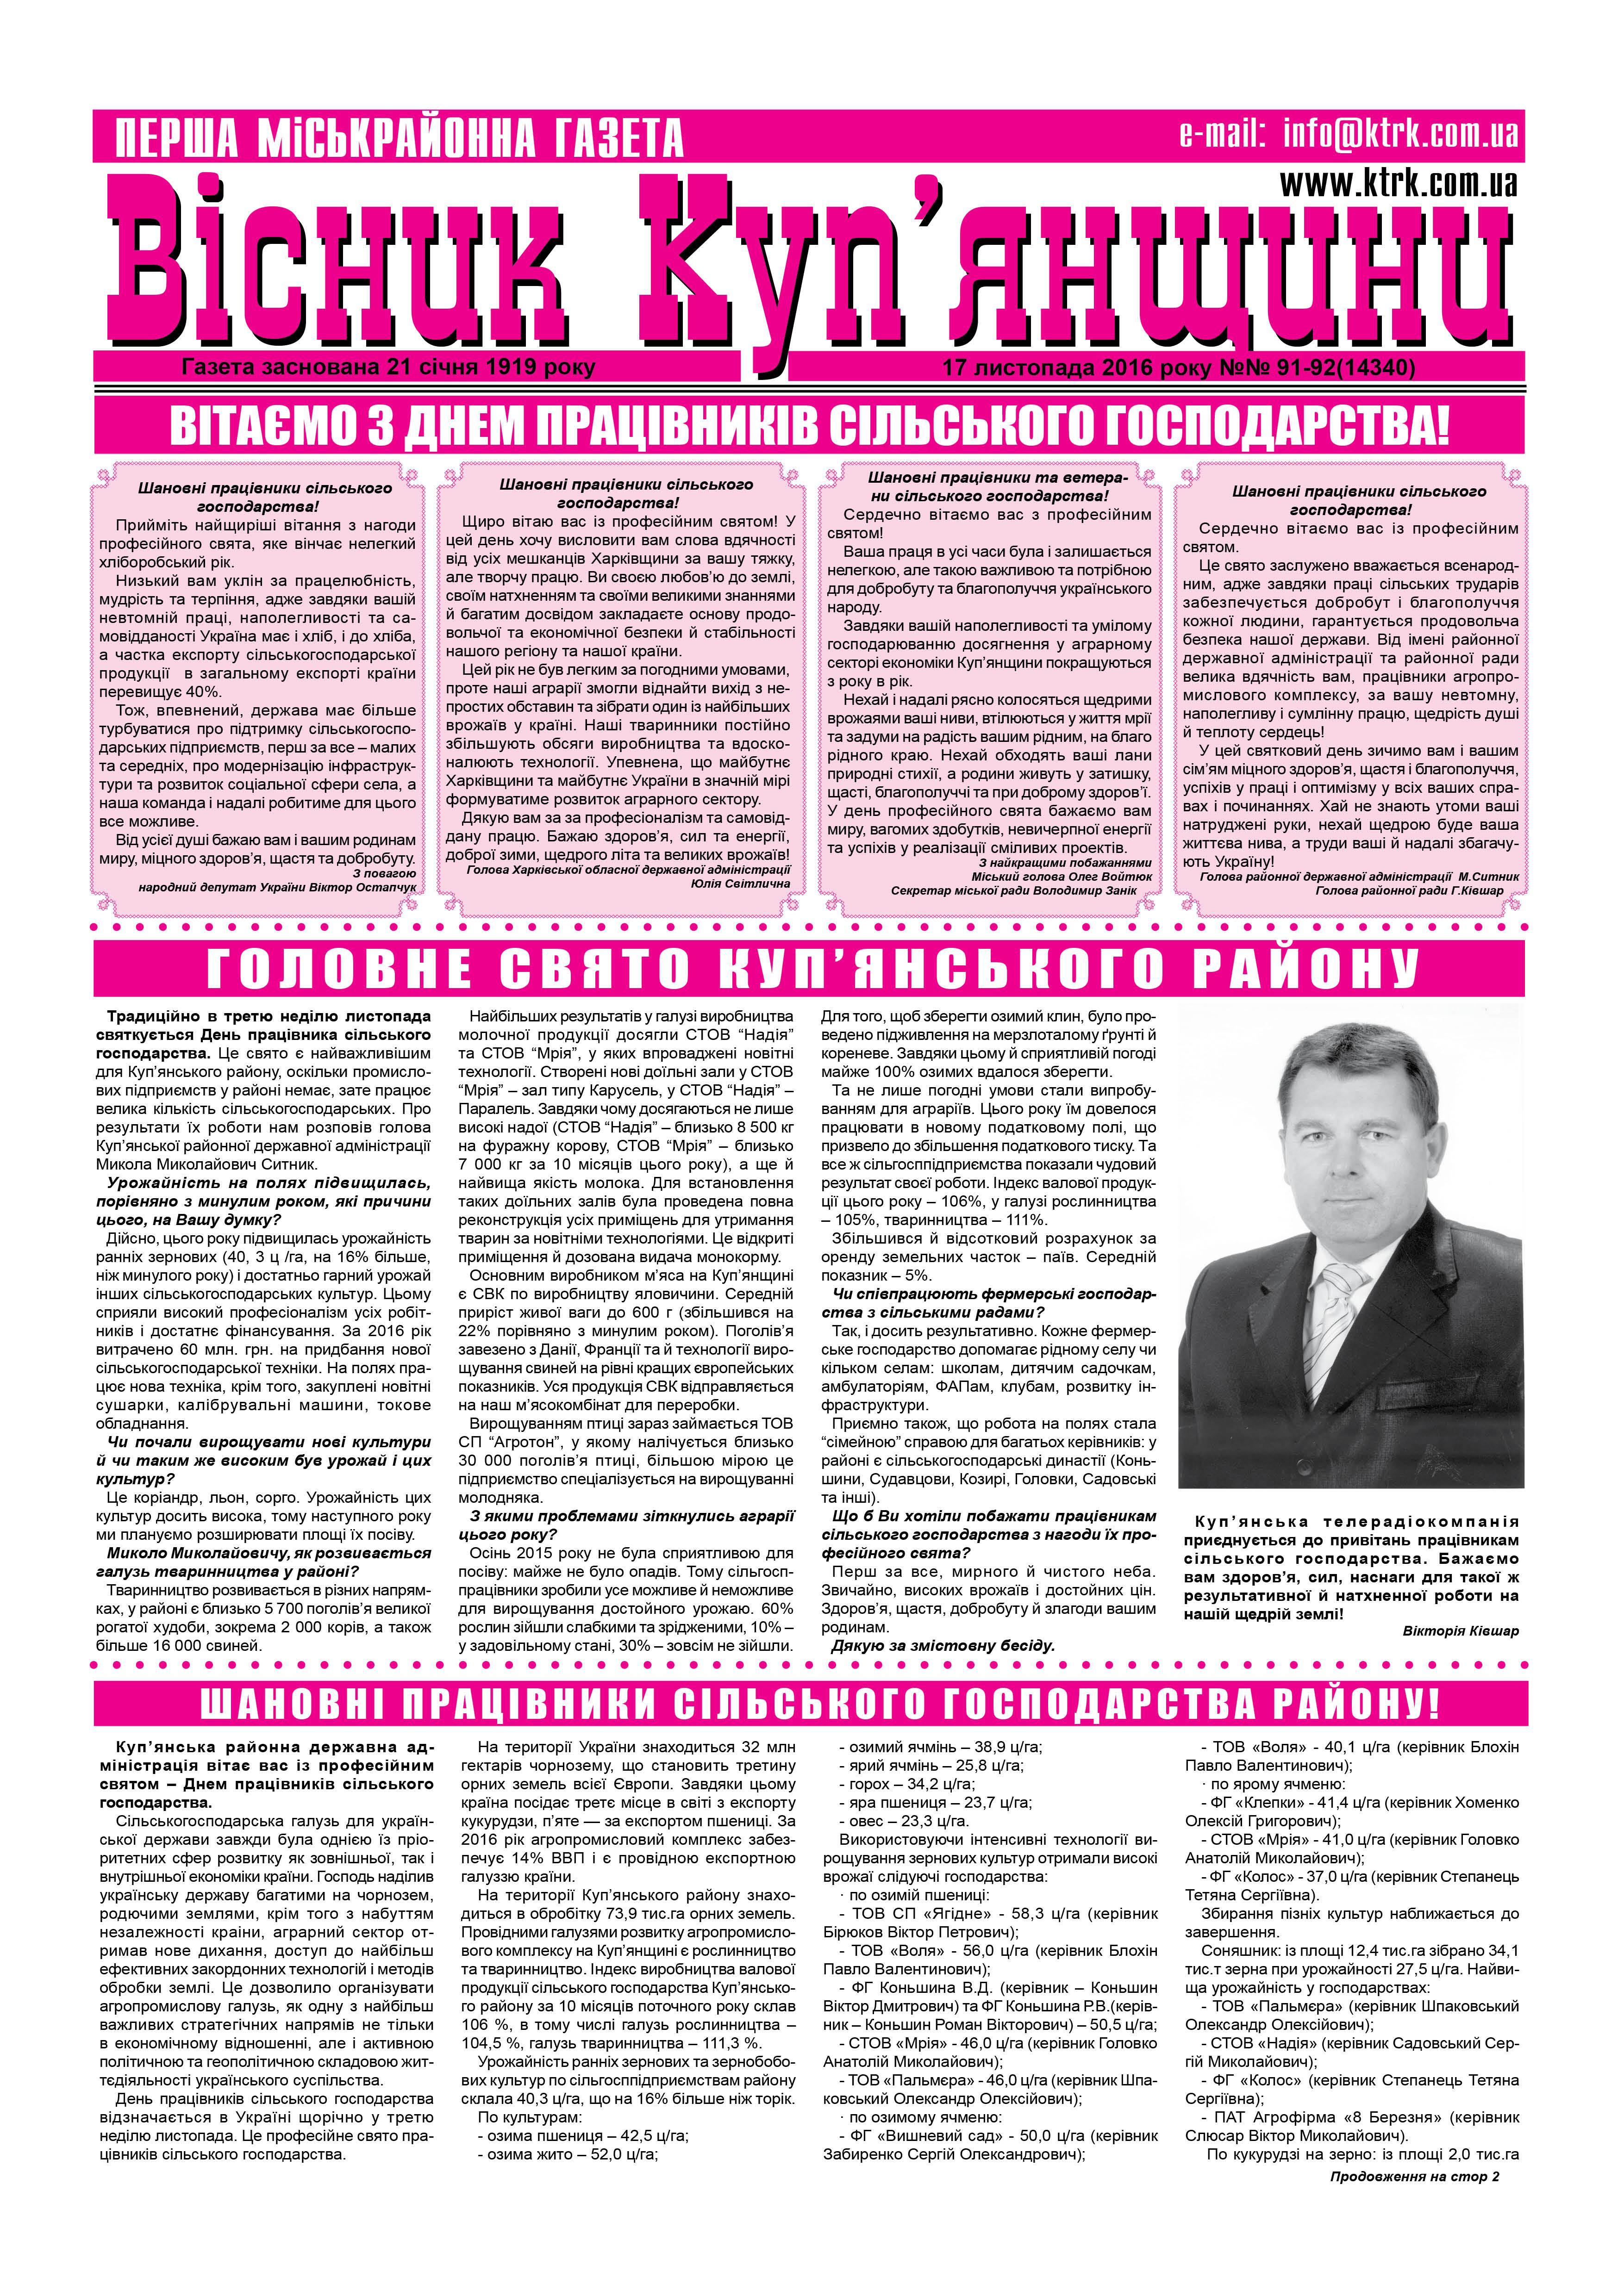 вк 91-92